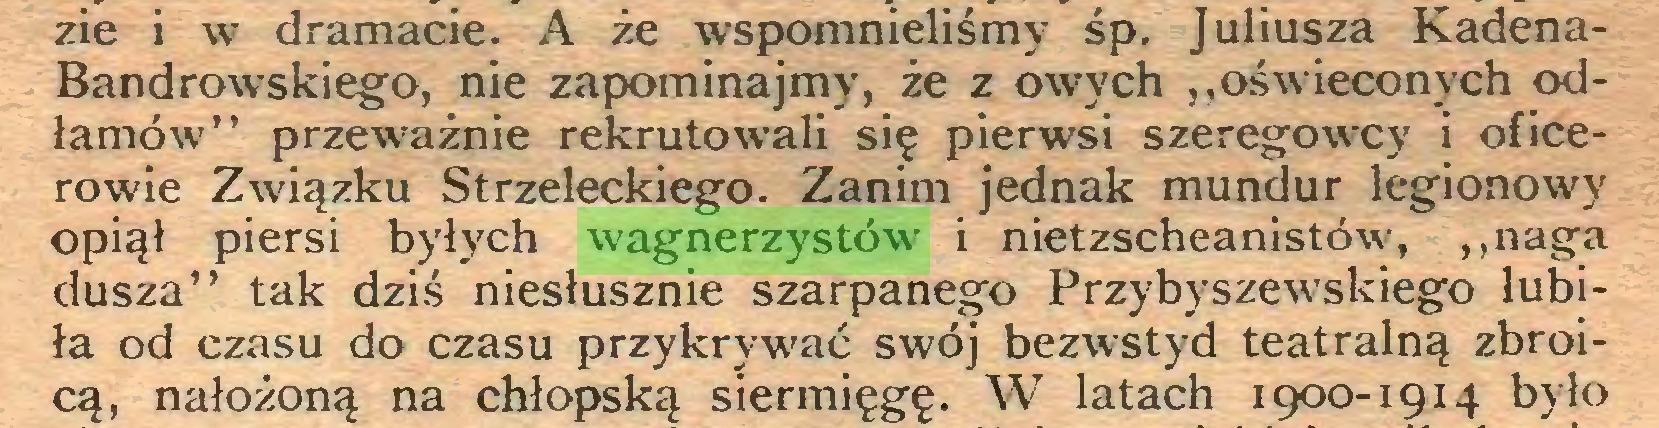 """(...) zie i w dramacie. A że wspomnieliśmy śp. Juliusza KadenaBandrowskiego, nie zapominajmy, że z owych """"oświeconych odłamów"""" przeważnie rekrutowali się pierwsi szeregowcy i oficerowie Związku Strzeleckiego. Zanim jednak mundur legionowy opiął piersi byłych wagnerzystów i nietzscheanistów, """"naga dusza"""" tak dziś niesłusznie szarpanego Przybyszewskiego lubiła od czasu do czasu przykrywać swój bezwstyd teatralną zbroicą, nałożoną na chłopską siermięgę. W latach 1900-1914 było..."""